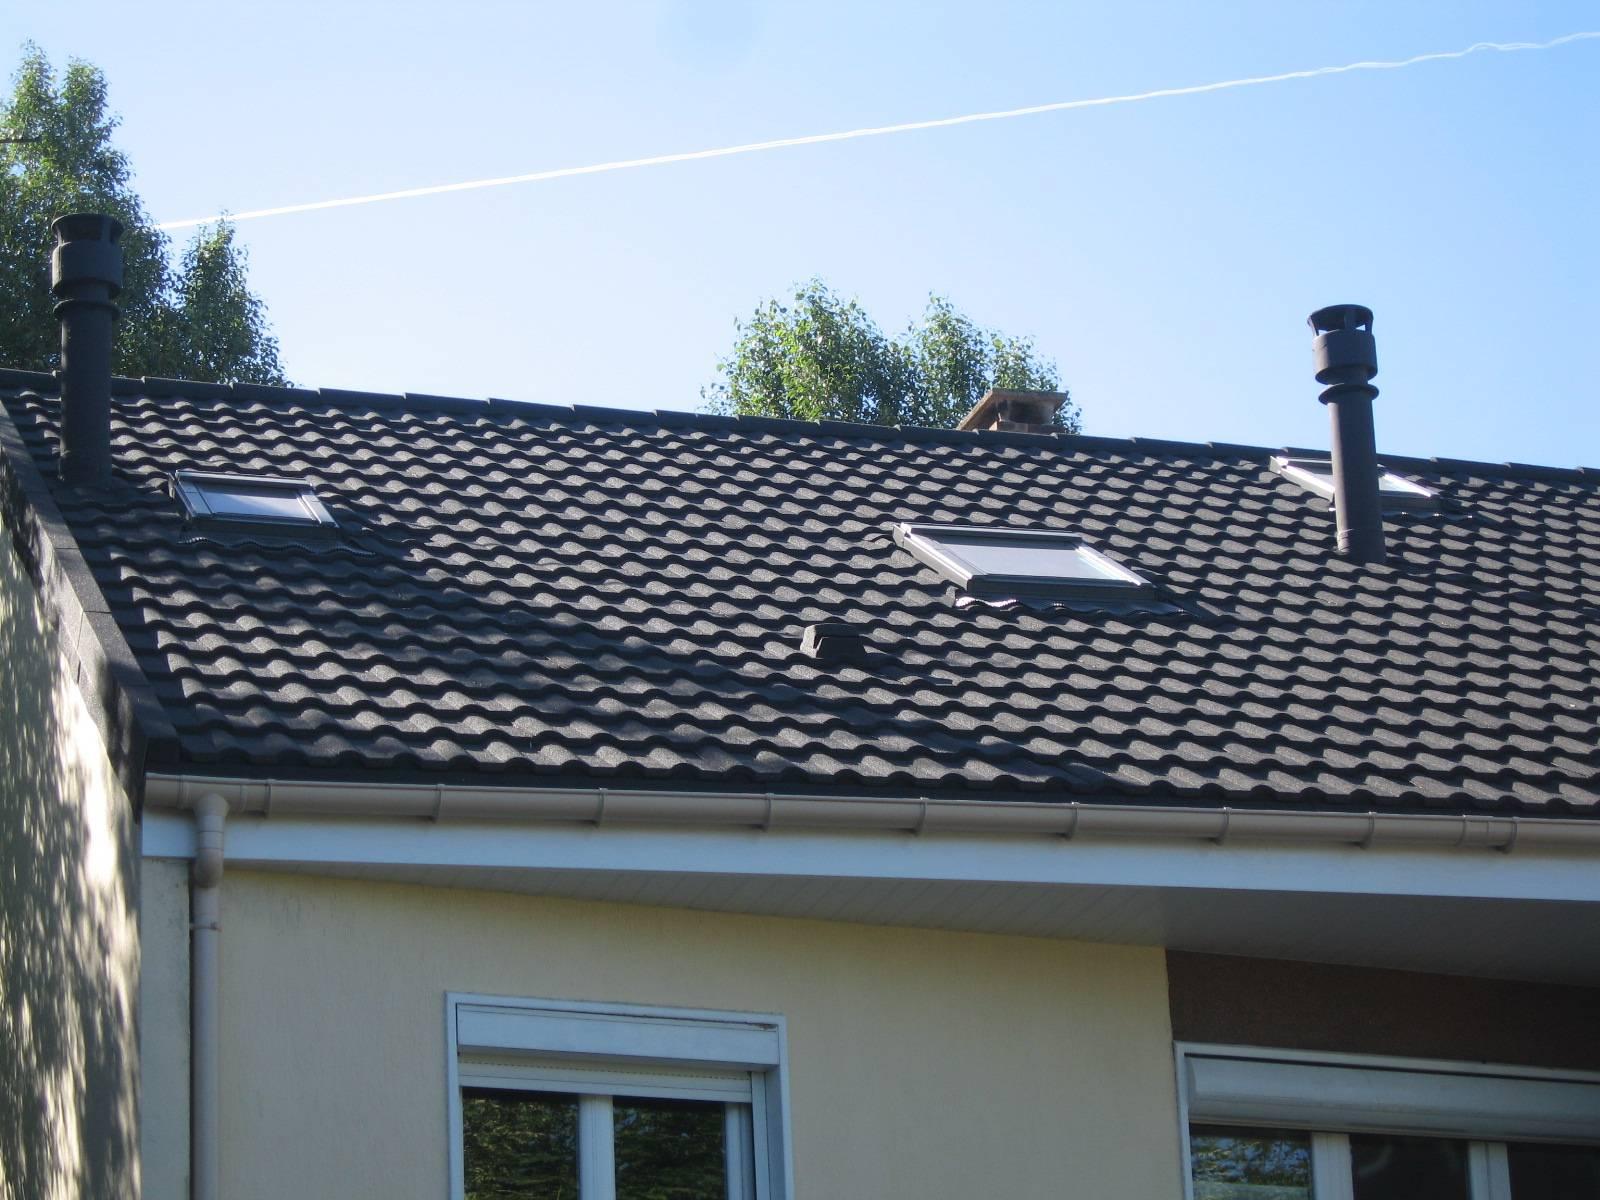 Tuiles pour toiture l g re fabrication livraison de for Tuiles legeres pour toiture